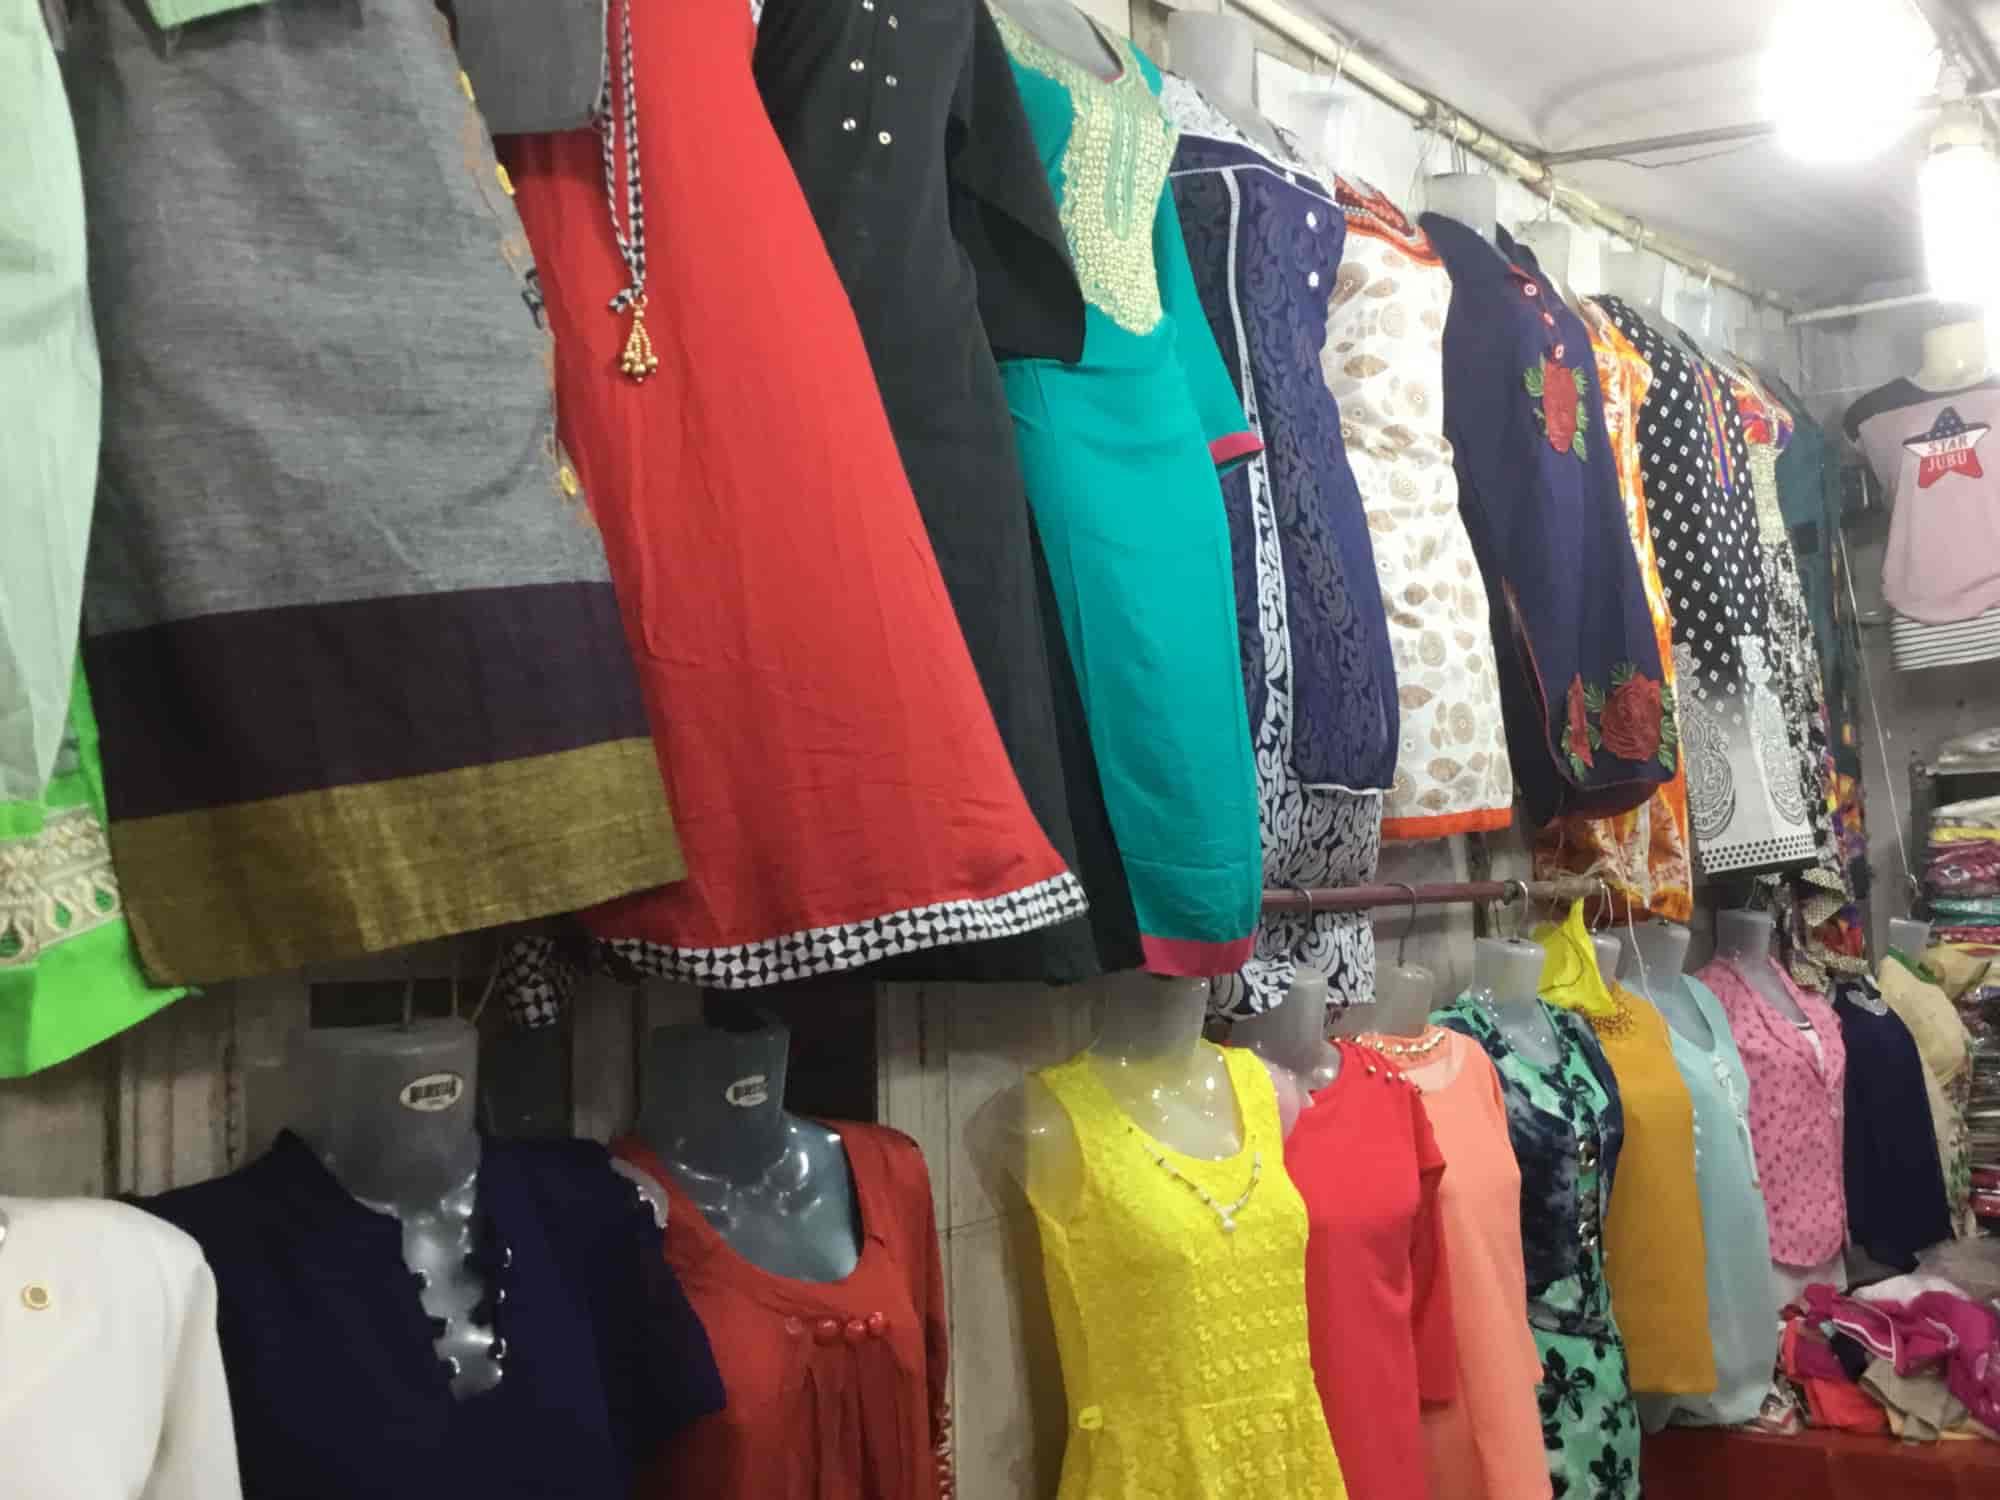 68f7235c0a486 Munnu Clothing Store, Bada Bazar - Readymade Garment Retailers in Dewas -  Justdial